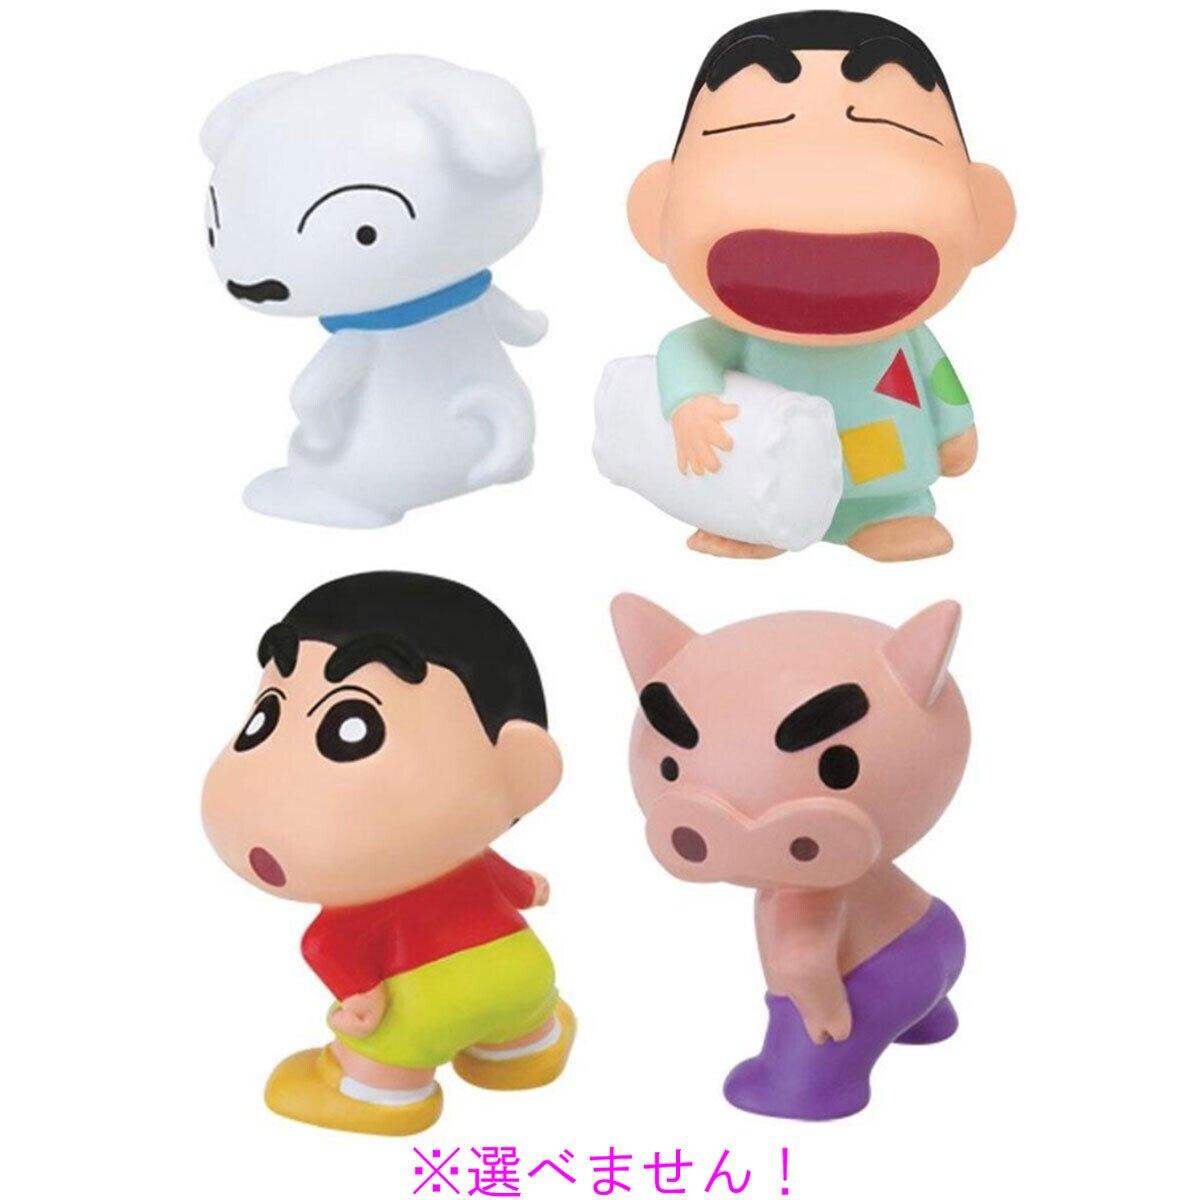 玩具浴球 蠟筆小新 小白 沐浴球 泡澡球 入浴劑 洗澡 泡泡球 玩具 公仔 隨機 日本正版 日本代購